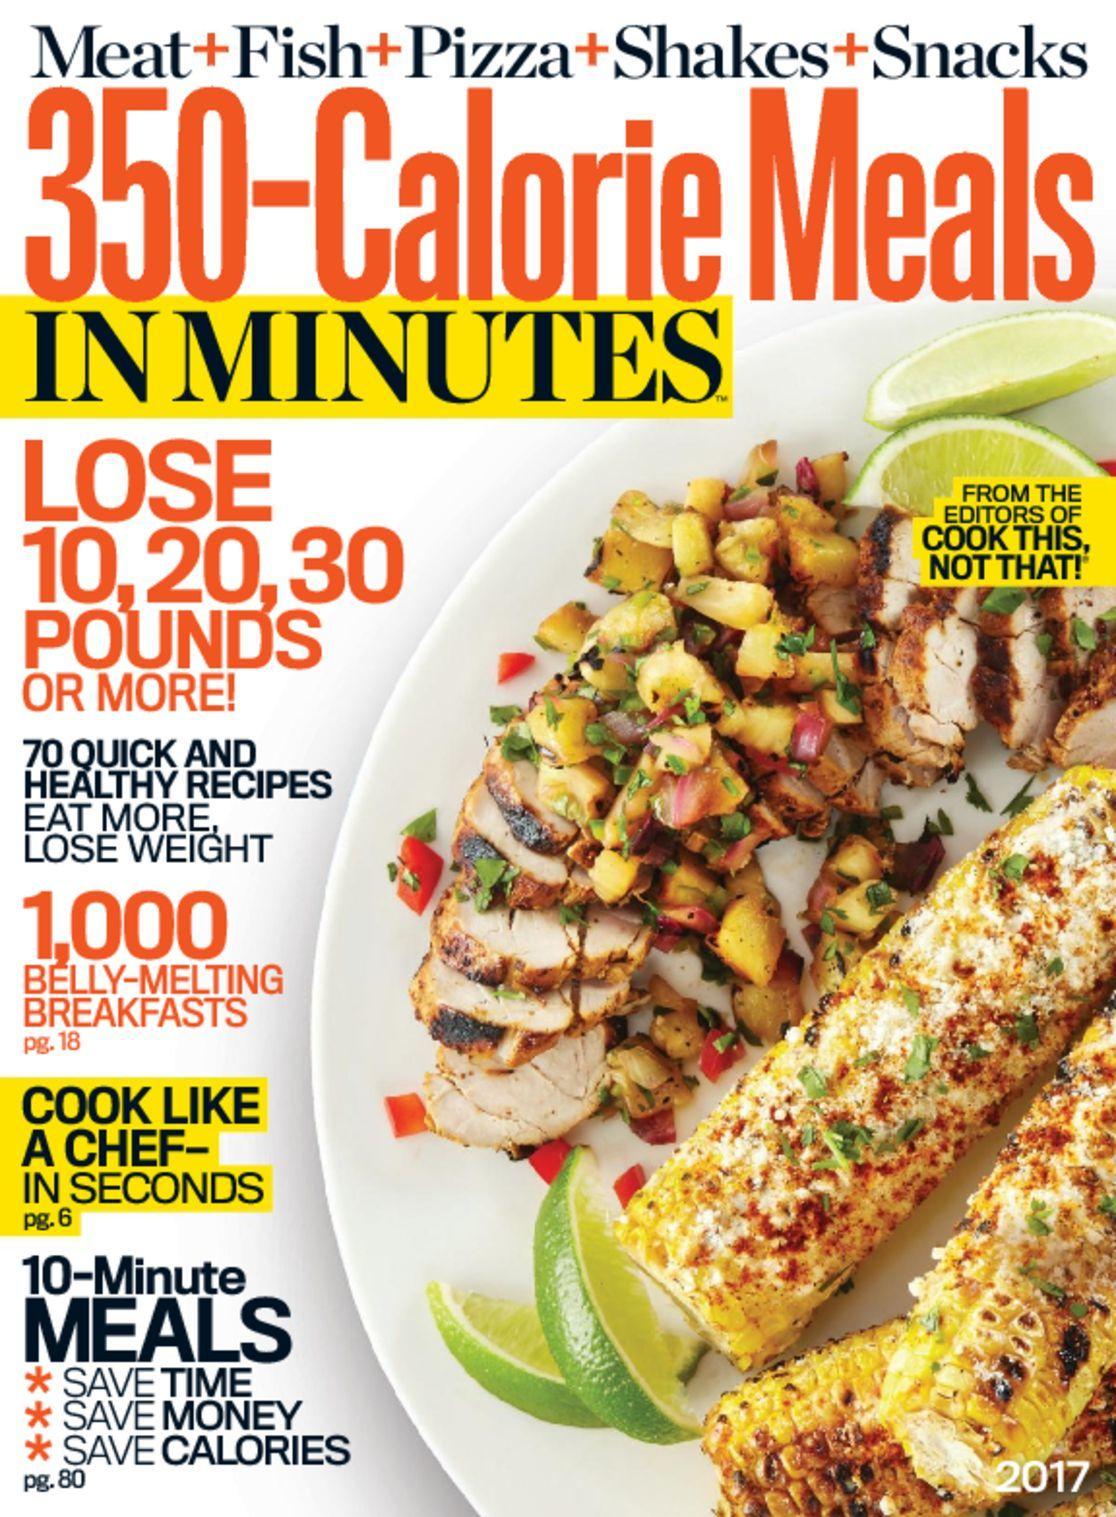 350 Calorie Meals Digital